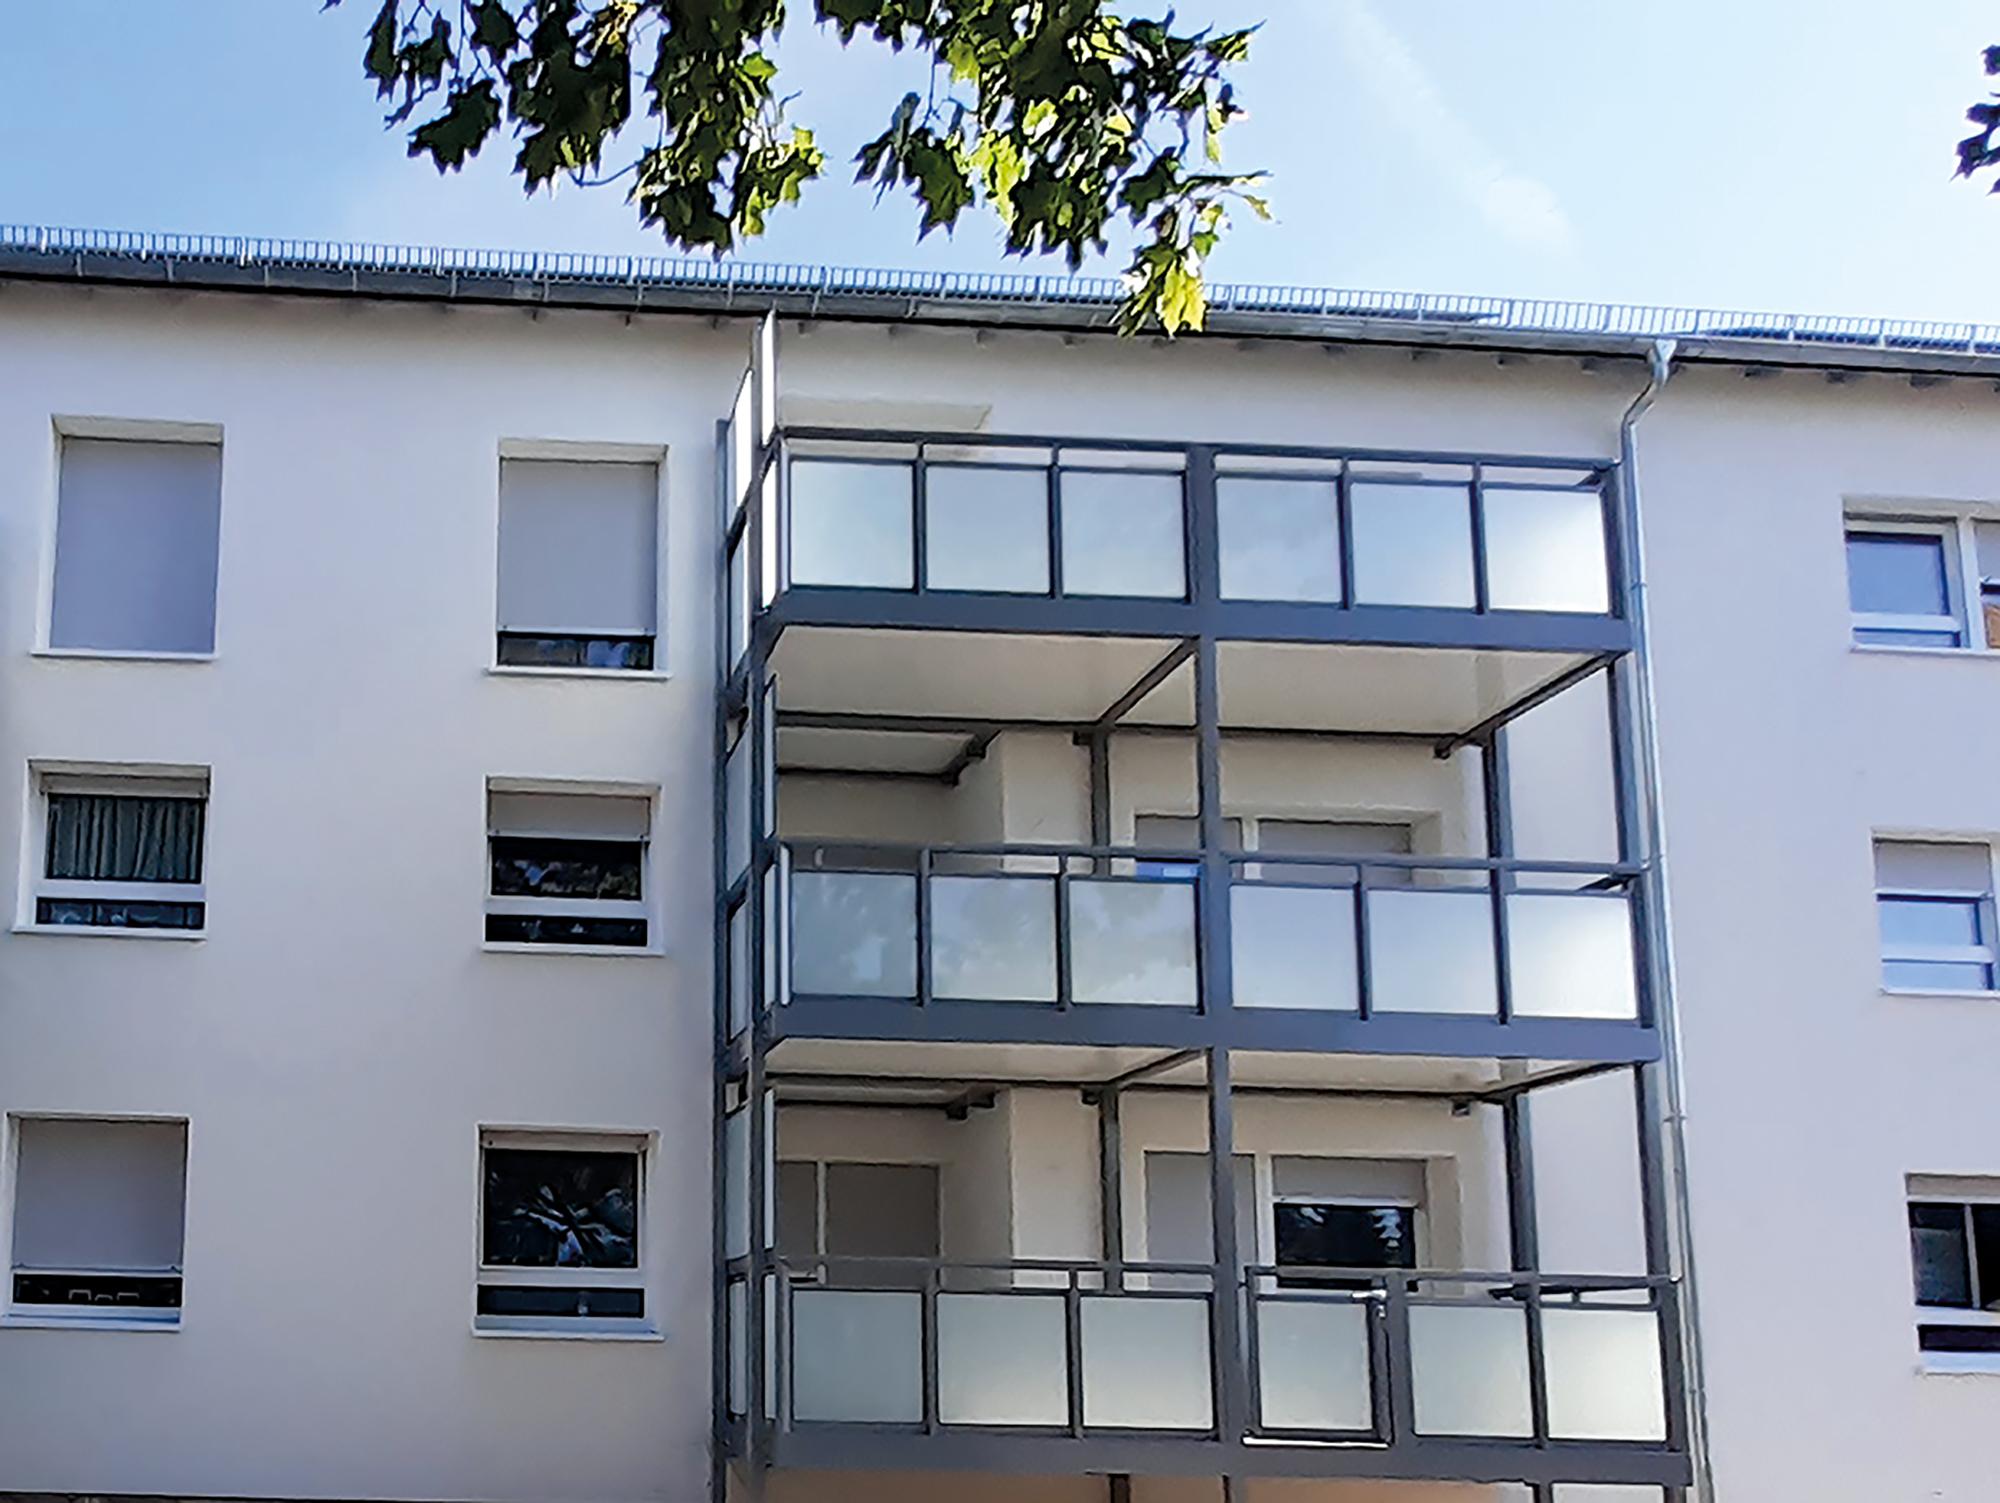 Komplettsanierung in Rüsselsheim, Im Reis / Spessartring, Balkonanlage, MACON BAU GmbH Magdeburg